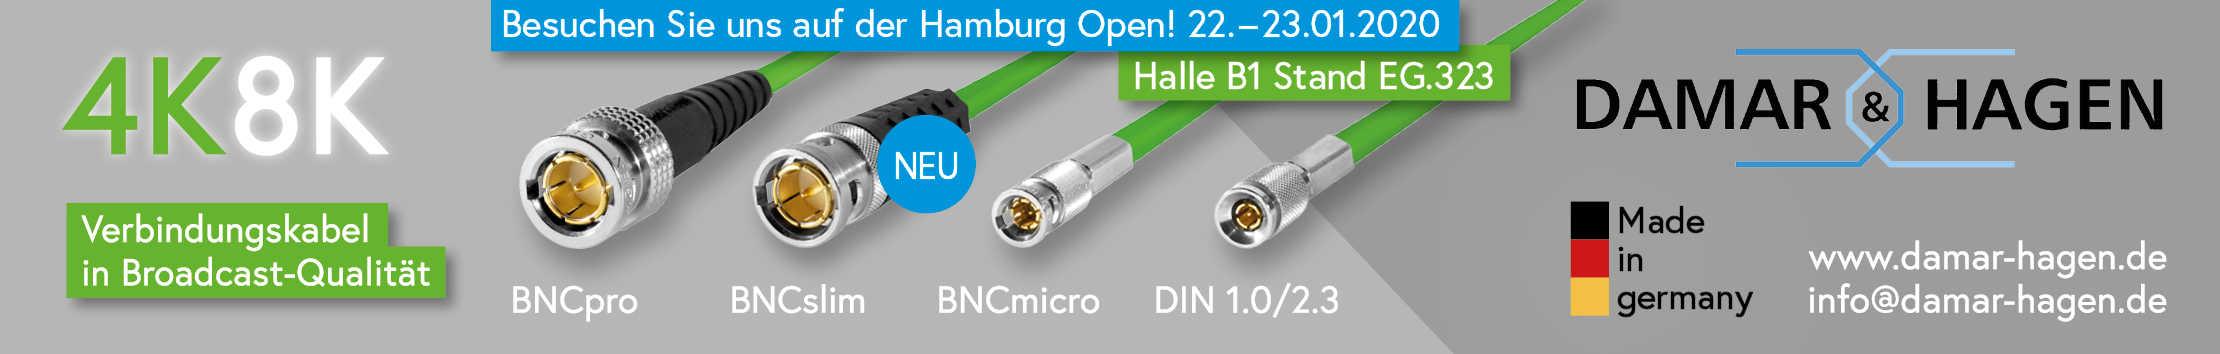 Besuchen Sie uns auf der Hamburg Open 2020